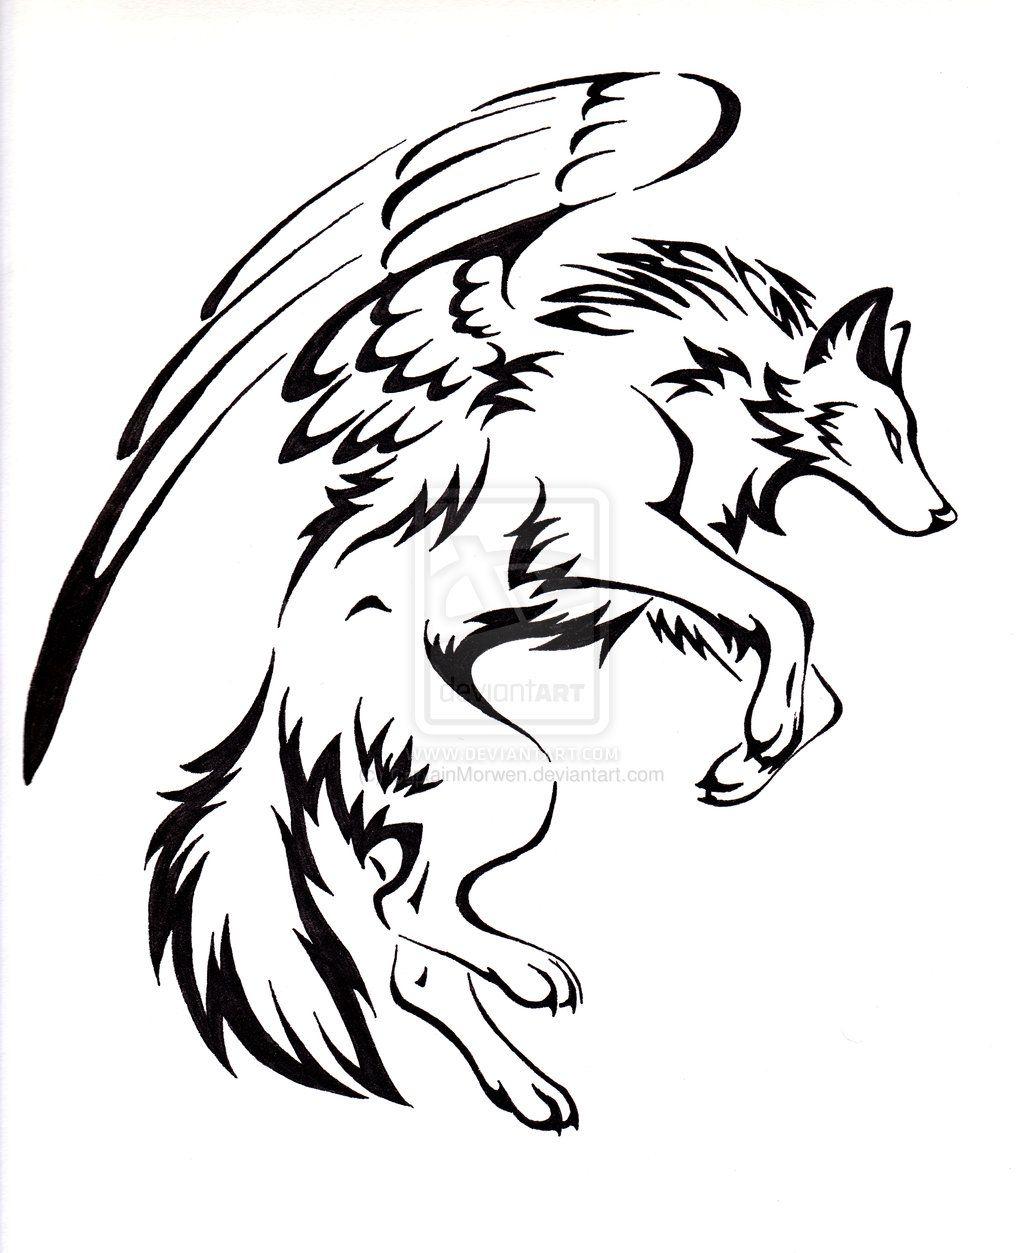 Cabeza De Lobo Tatuaje Tribal Dibujo De Boceto Vector Aislado